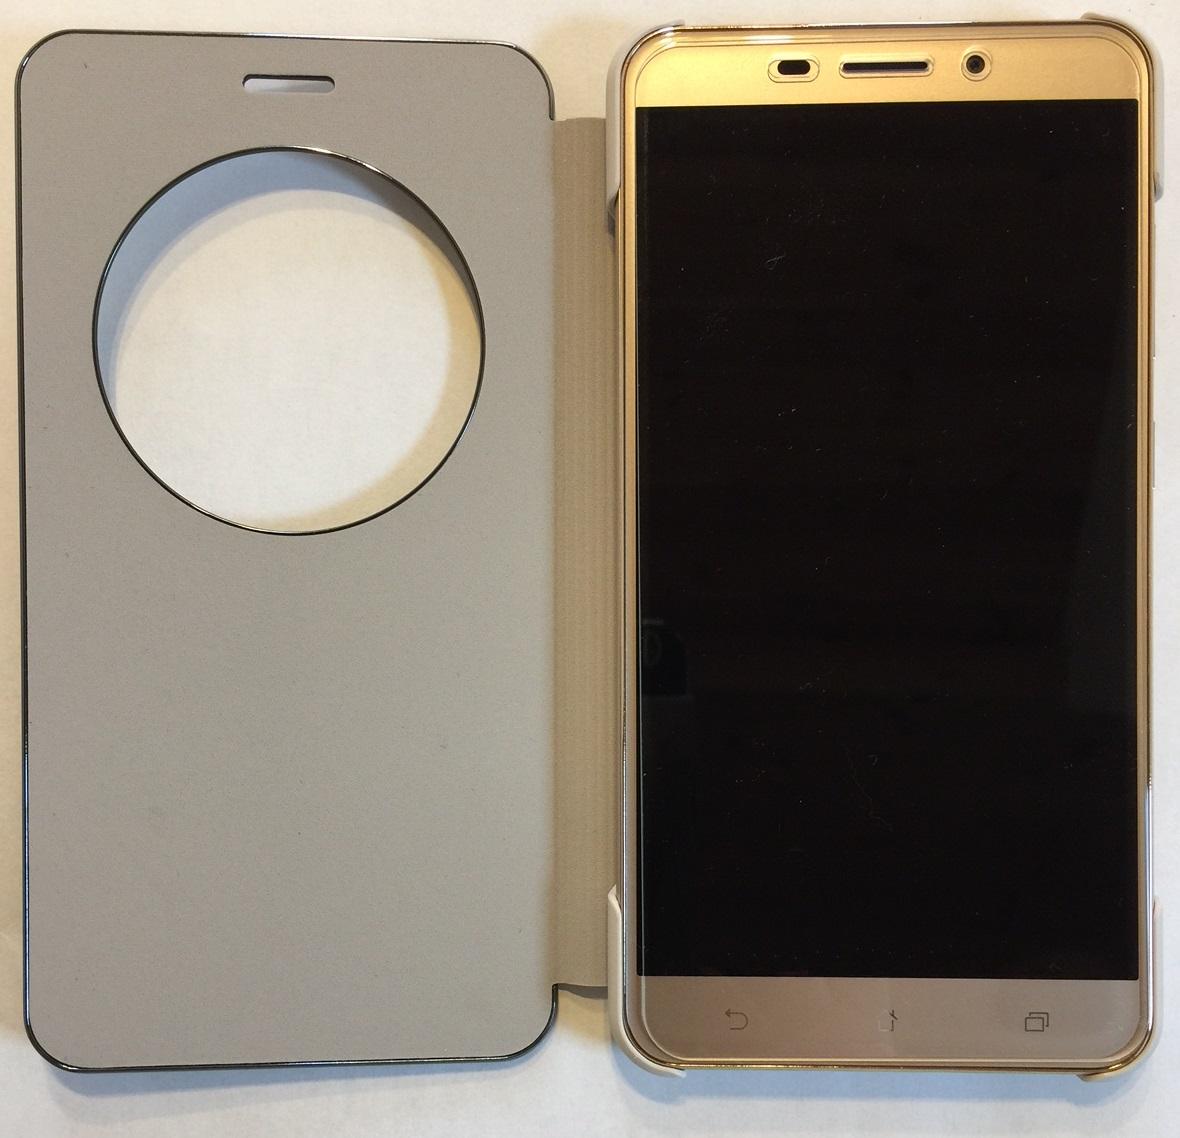 ASUS Zenfone3 Laserのデザイン、機能などを見てみました!:iPhoneと比較してみて。 -スマホ料金の節約ガイド5:iPhoneから、Android SIMフリースマホに乗り換えてみました-